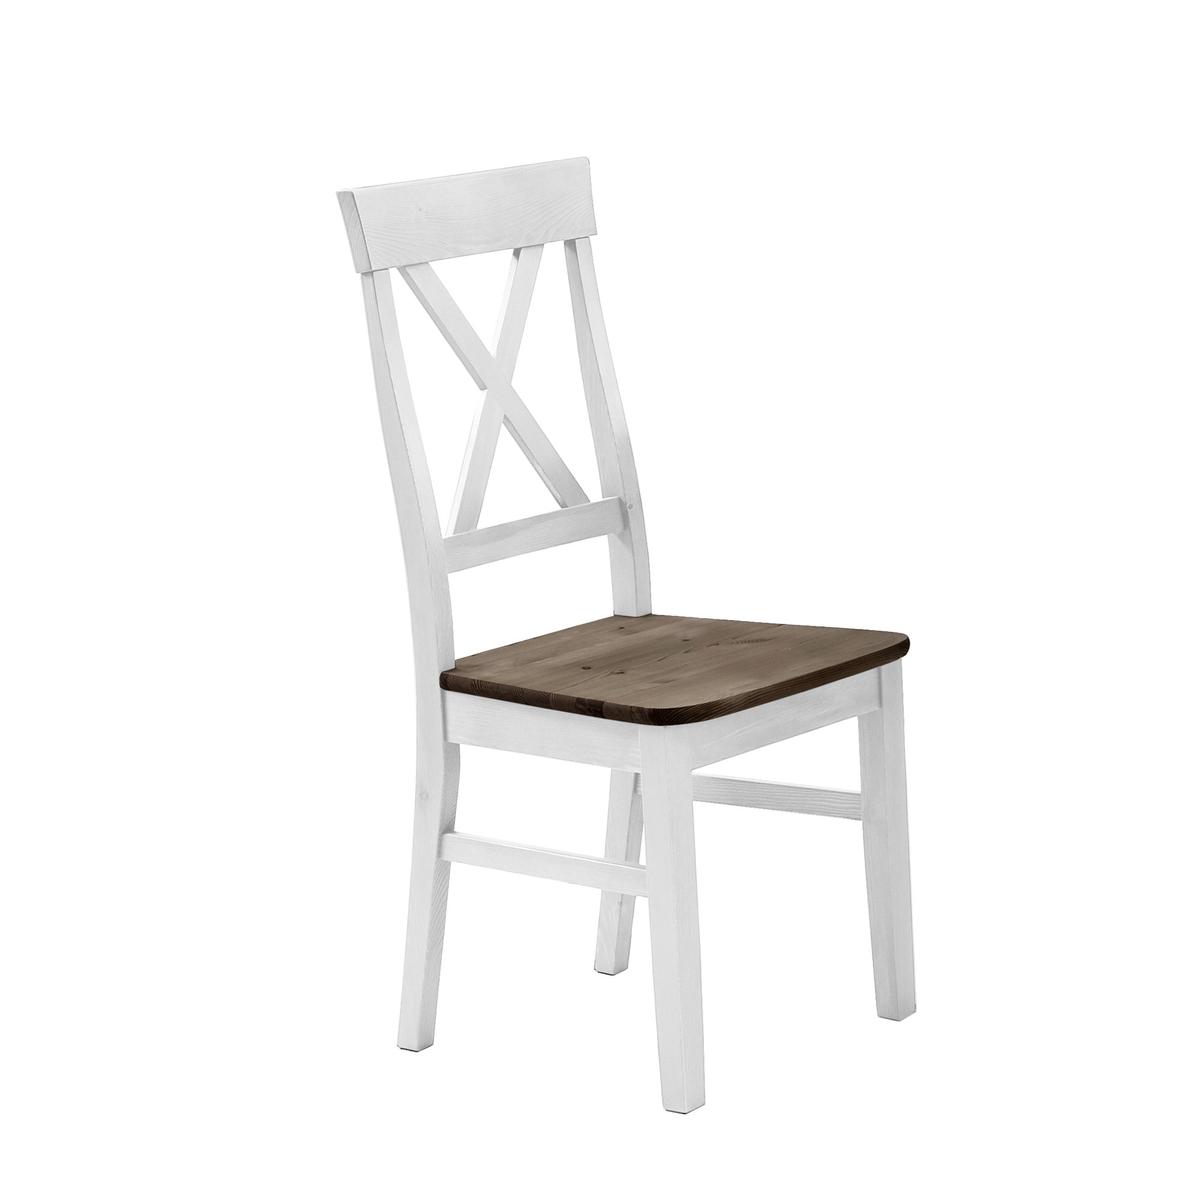 Esszimmer Küchen Stuhl Bergen Kiefer Massiv, Bild 2